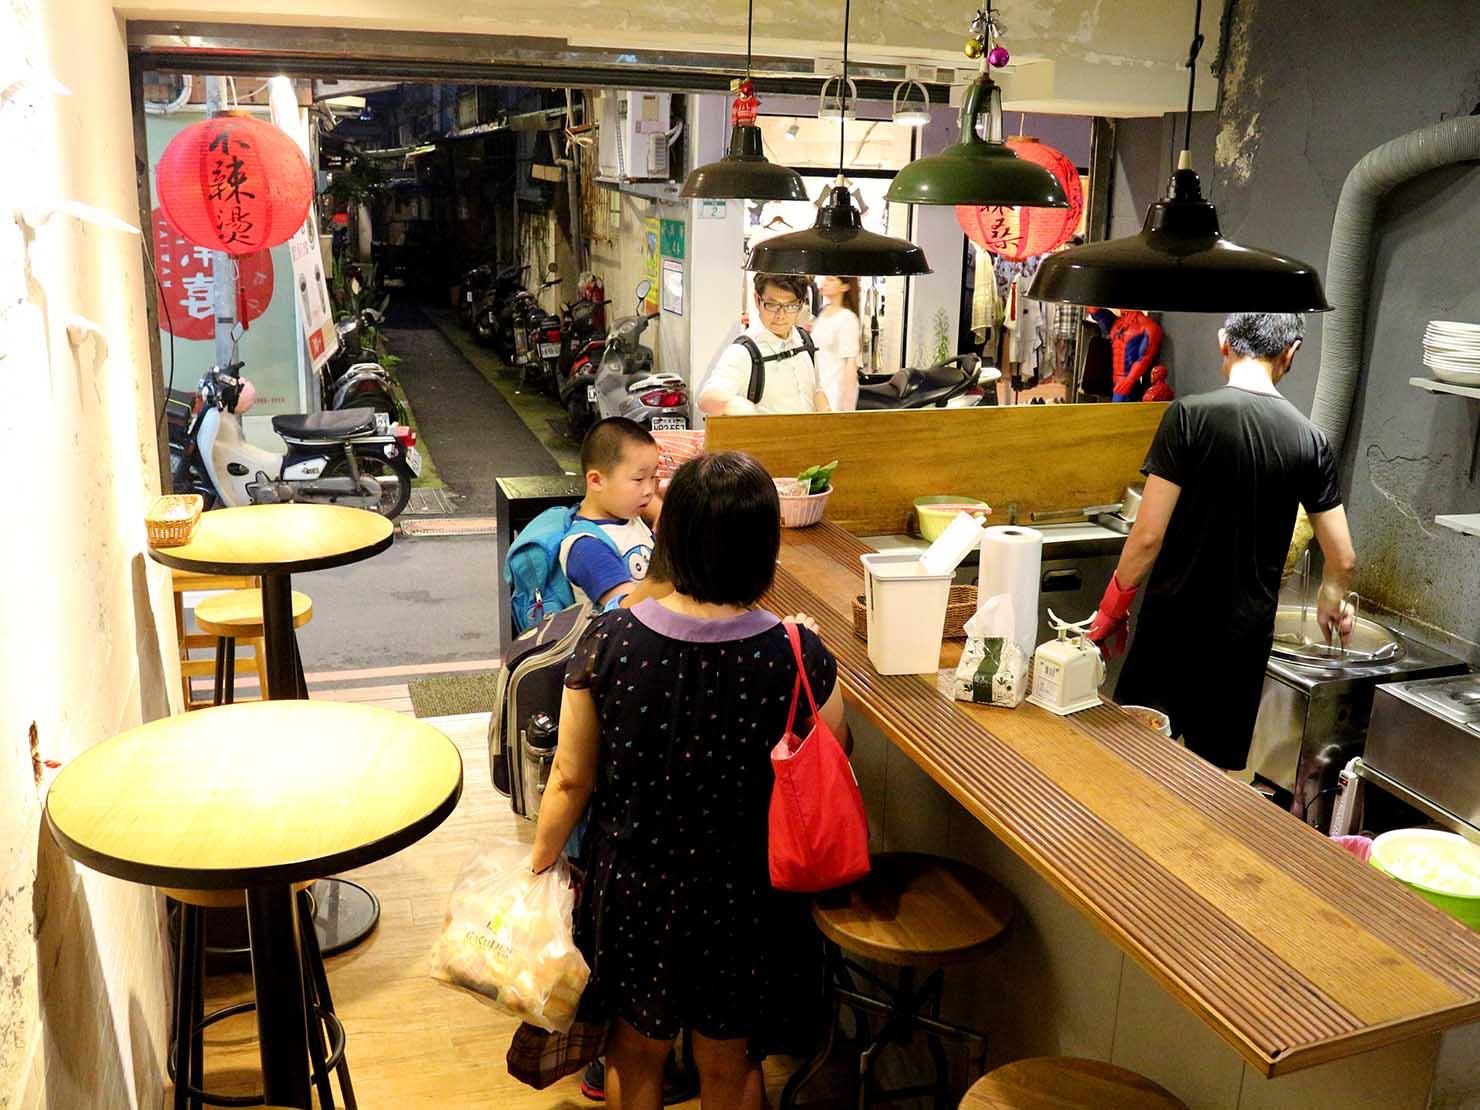 台北・永安市場のおすすめグルメ店「麻辣桑麻辣燙」の店内